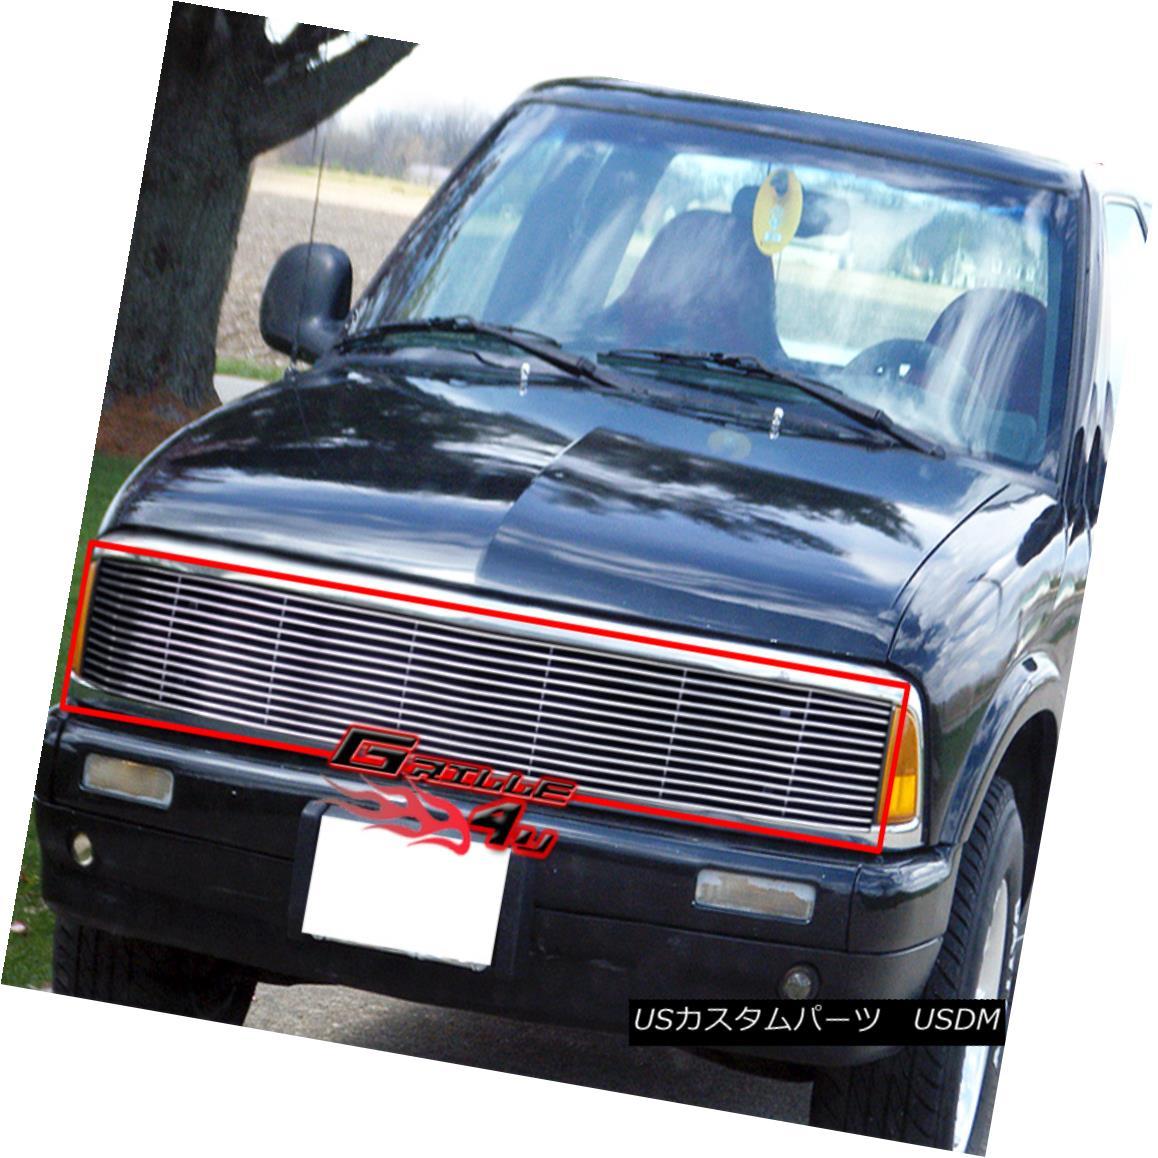 グリル Fits 1994-1997 Chevy S10/Blazer Phantom Billet Grille Insert 1994-1997 Chevy S10 / Blazer Phantom Billet Grille Insertに適合